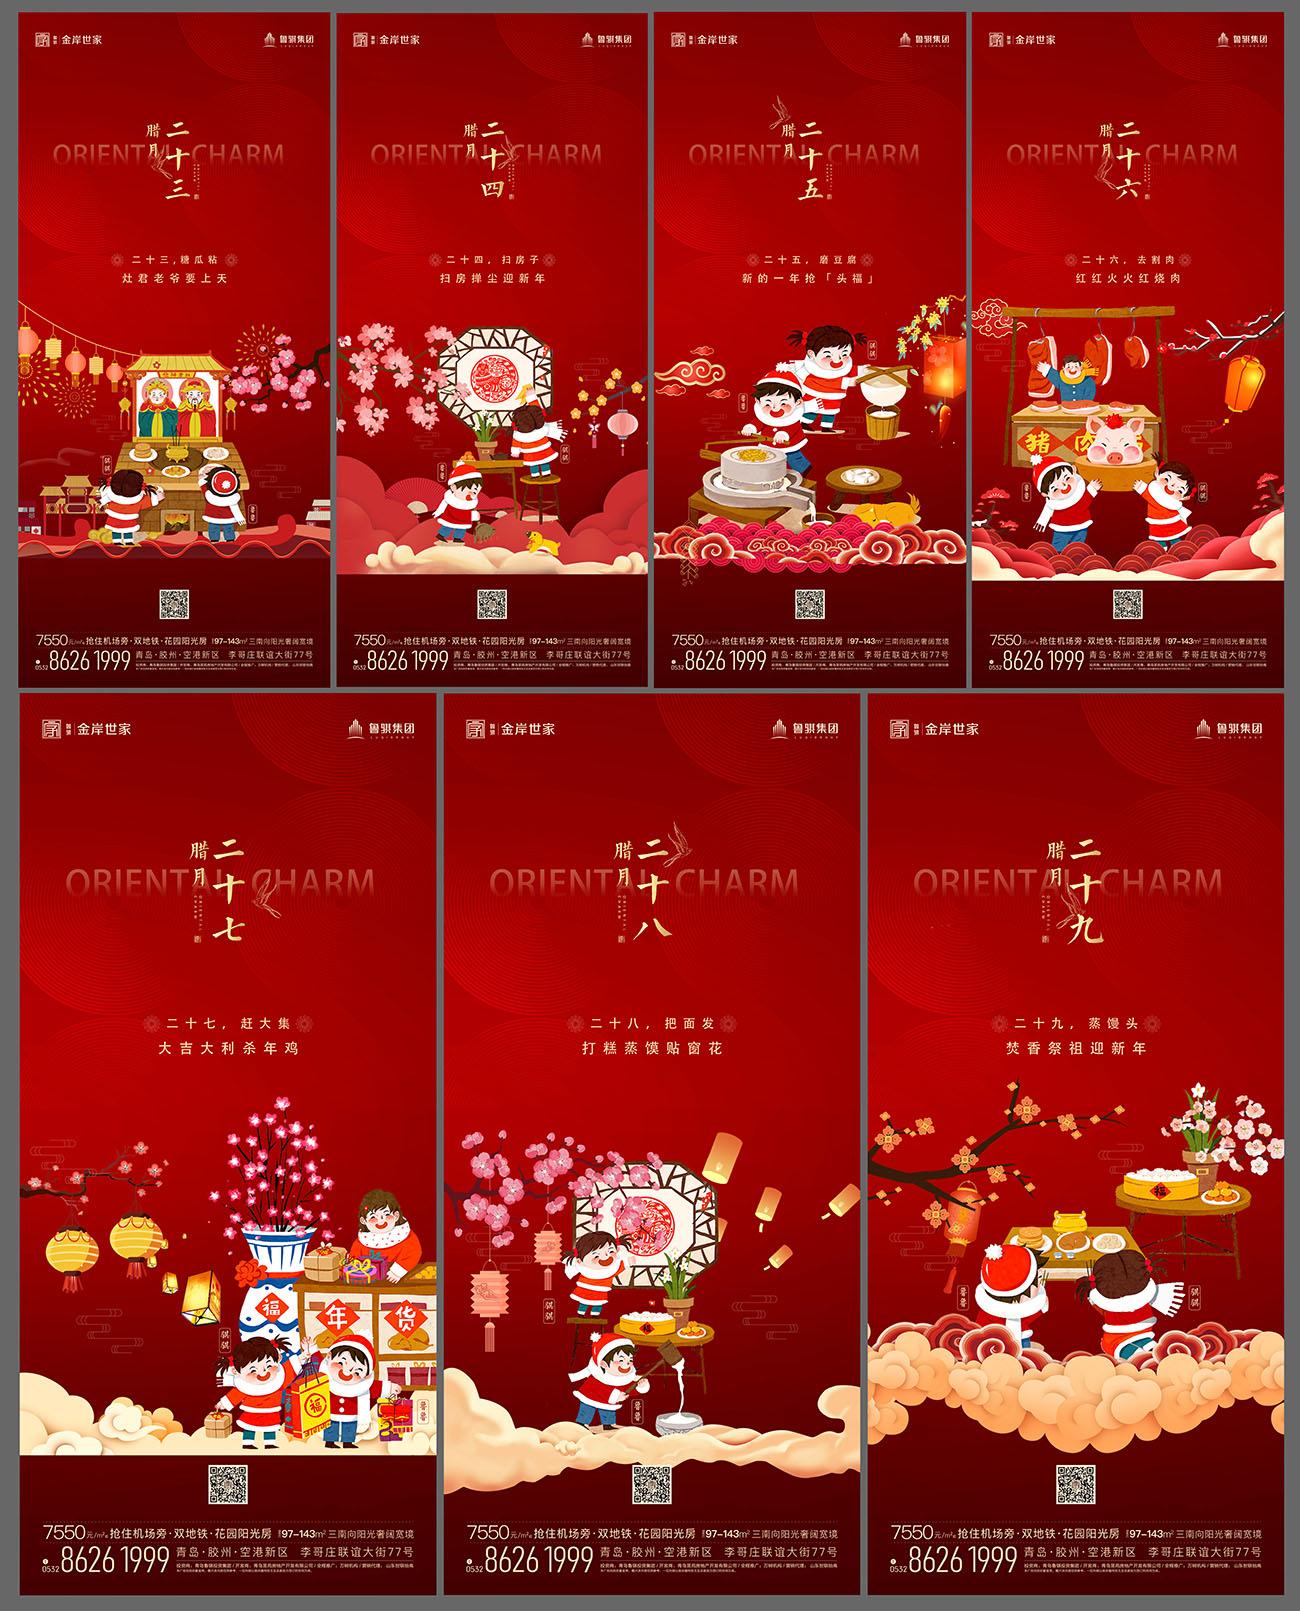 房地产春节习俗刷屏海报AI源文件插图